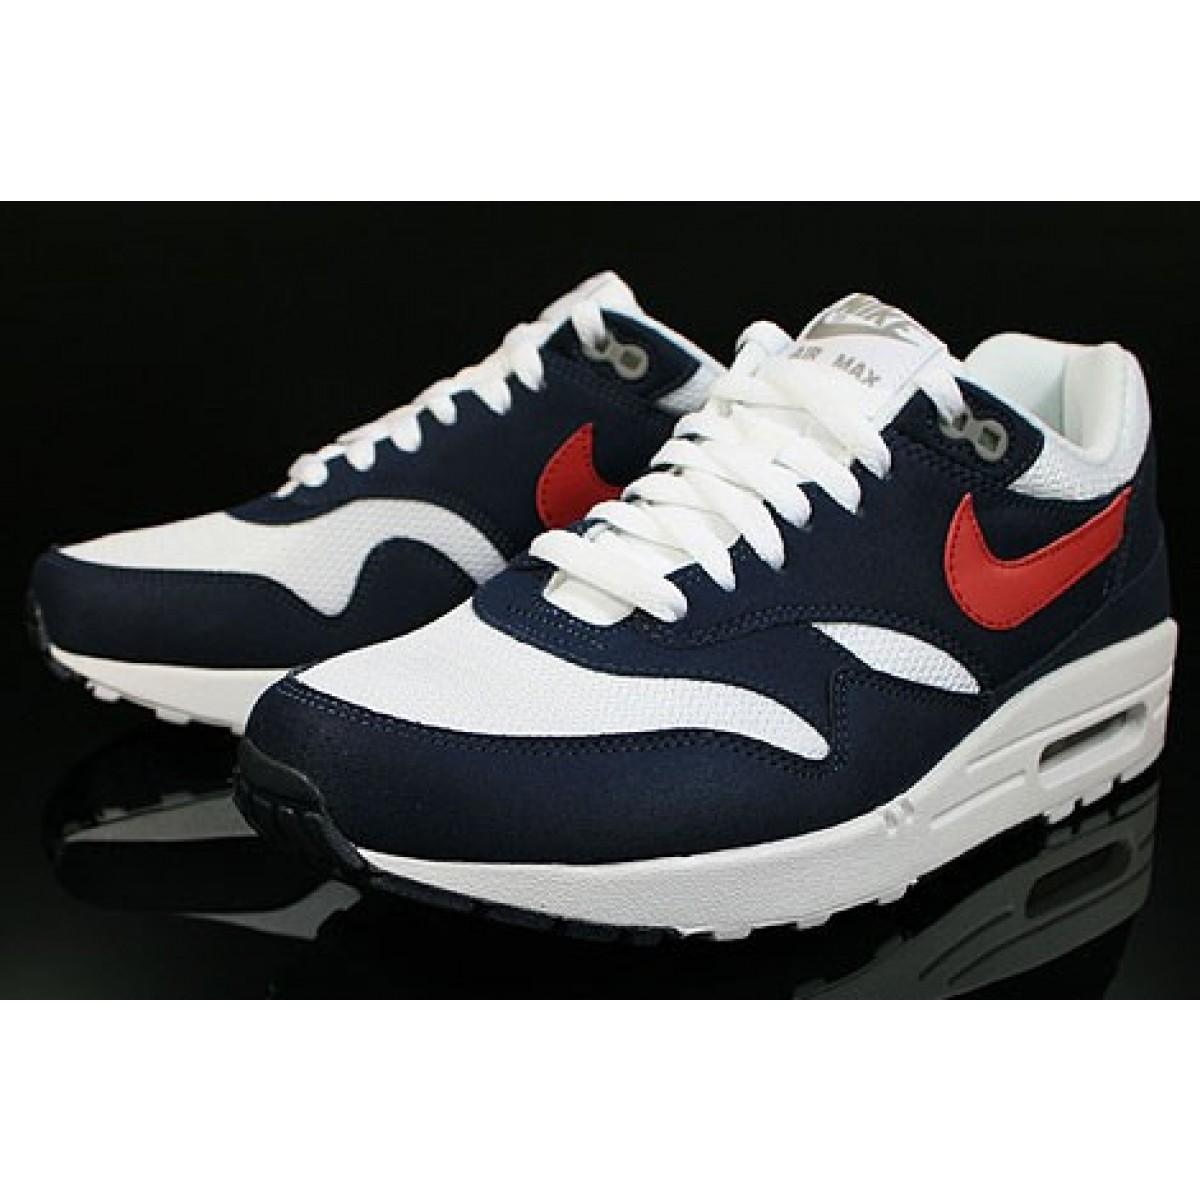 Achat / Vente produits Nike Air Max 1 Homme Bleu,Nike Air Max 1 Homme